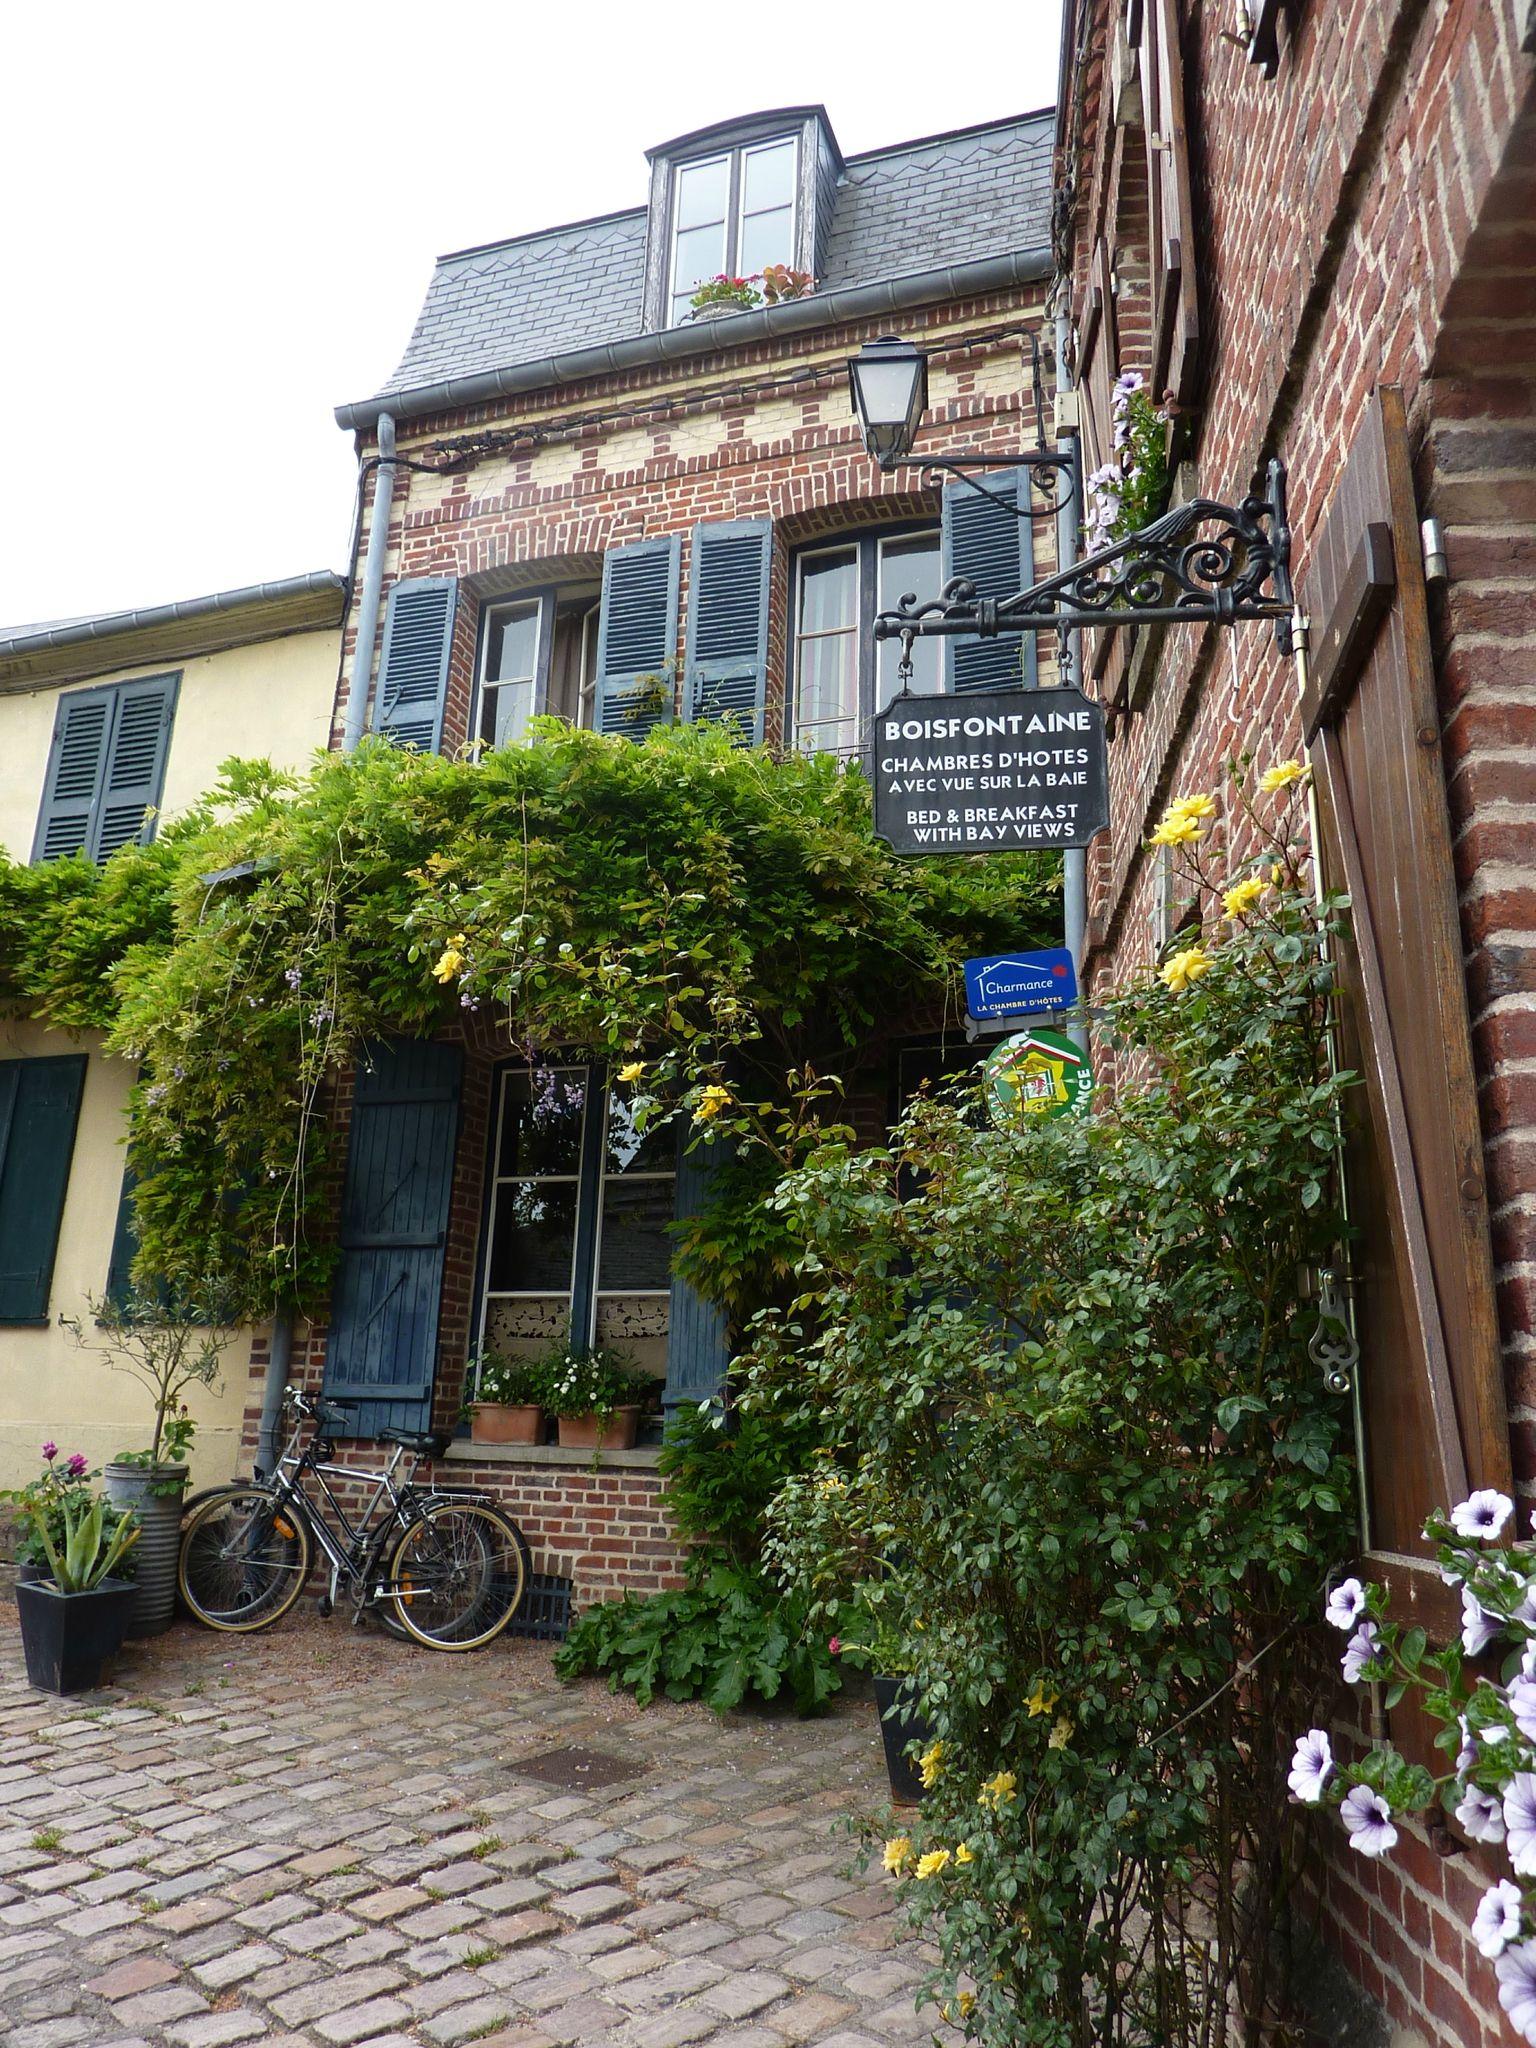 France St Valery Sur Somme Paysage France Le Crotoy Jolie Maison